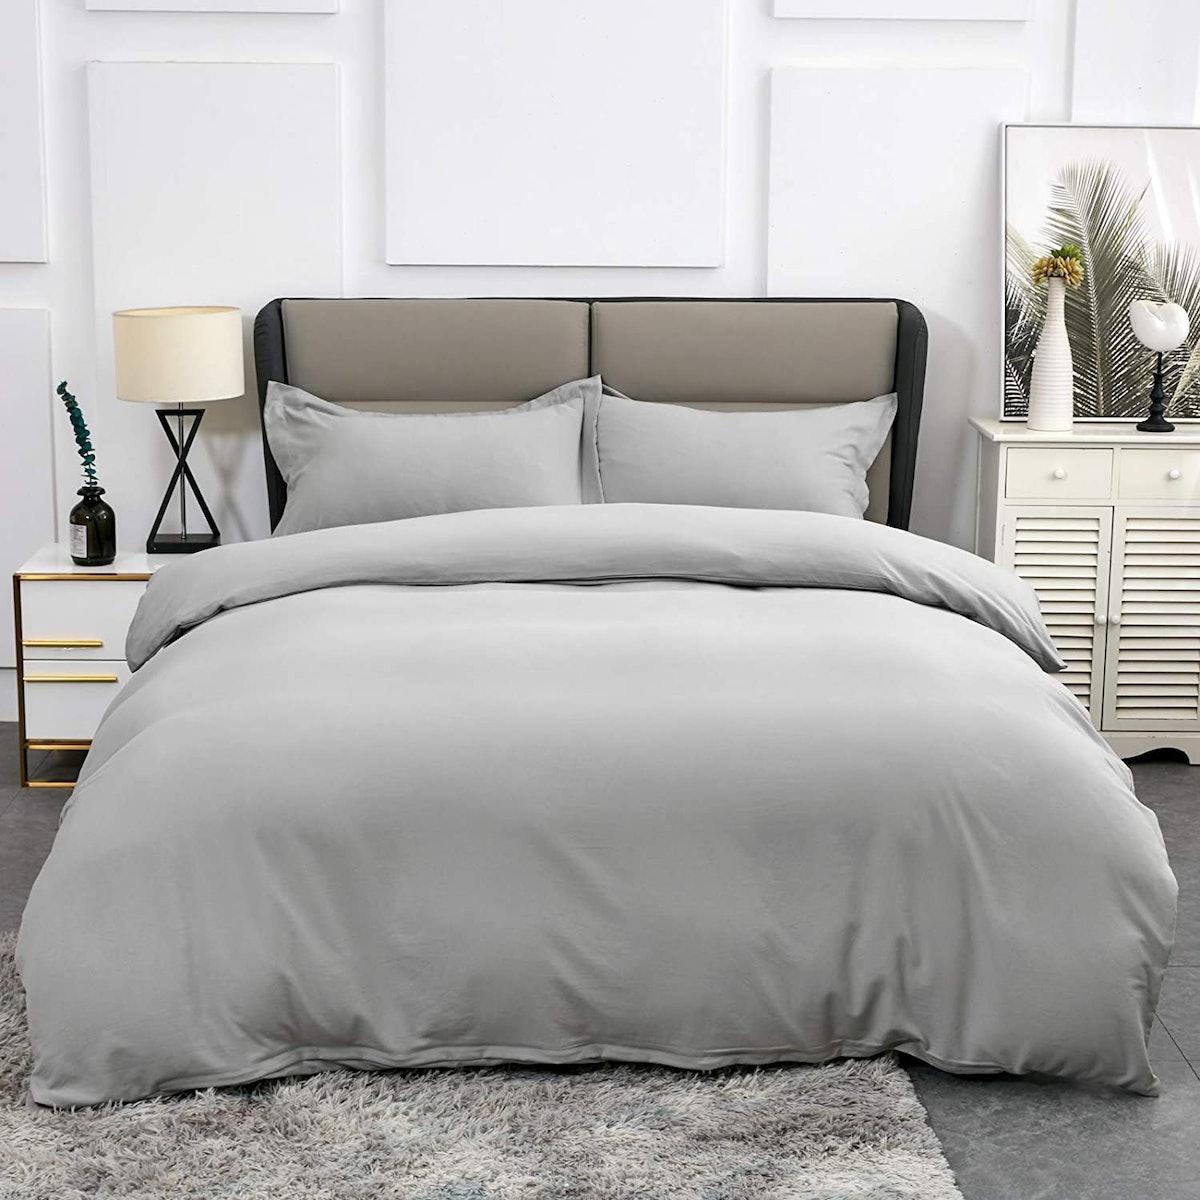 BBANGD Ultra-Soft Duvet Cover